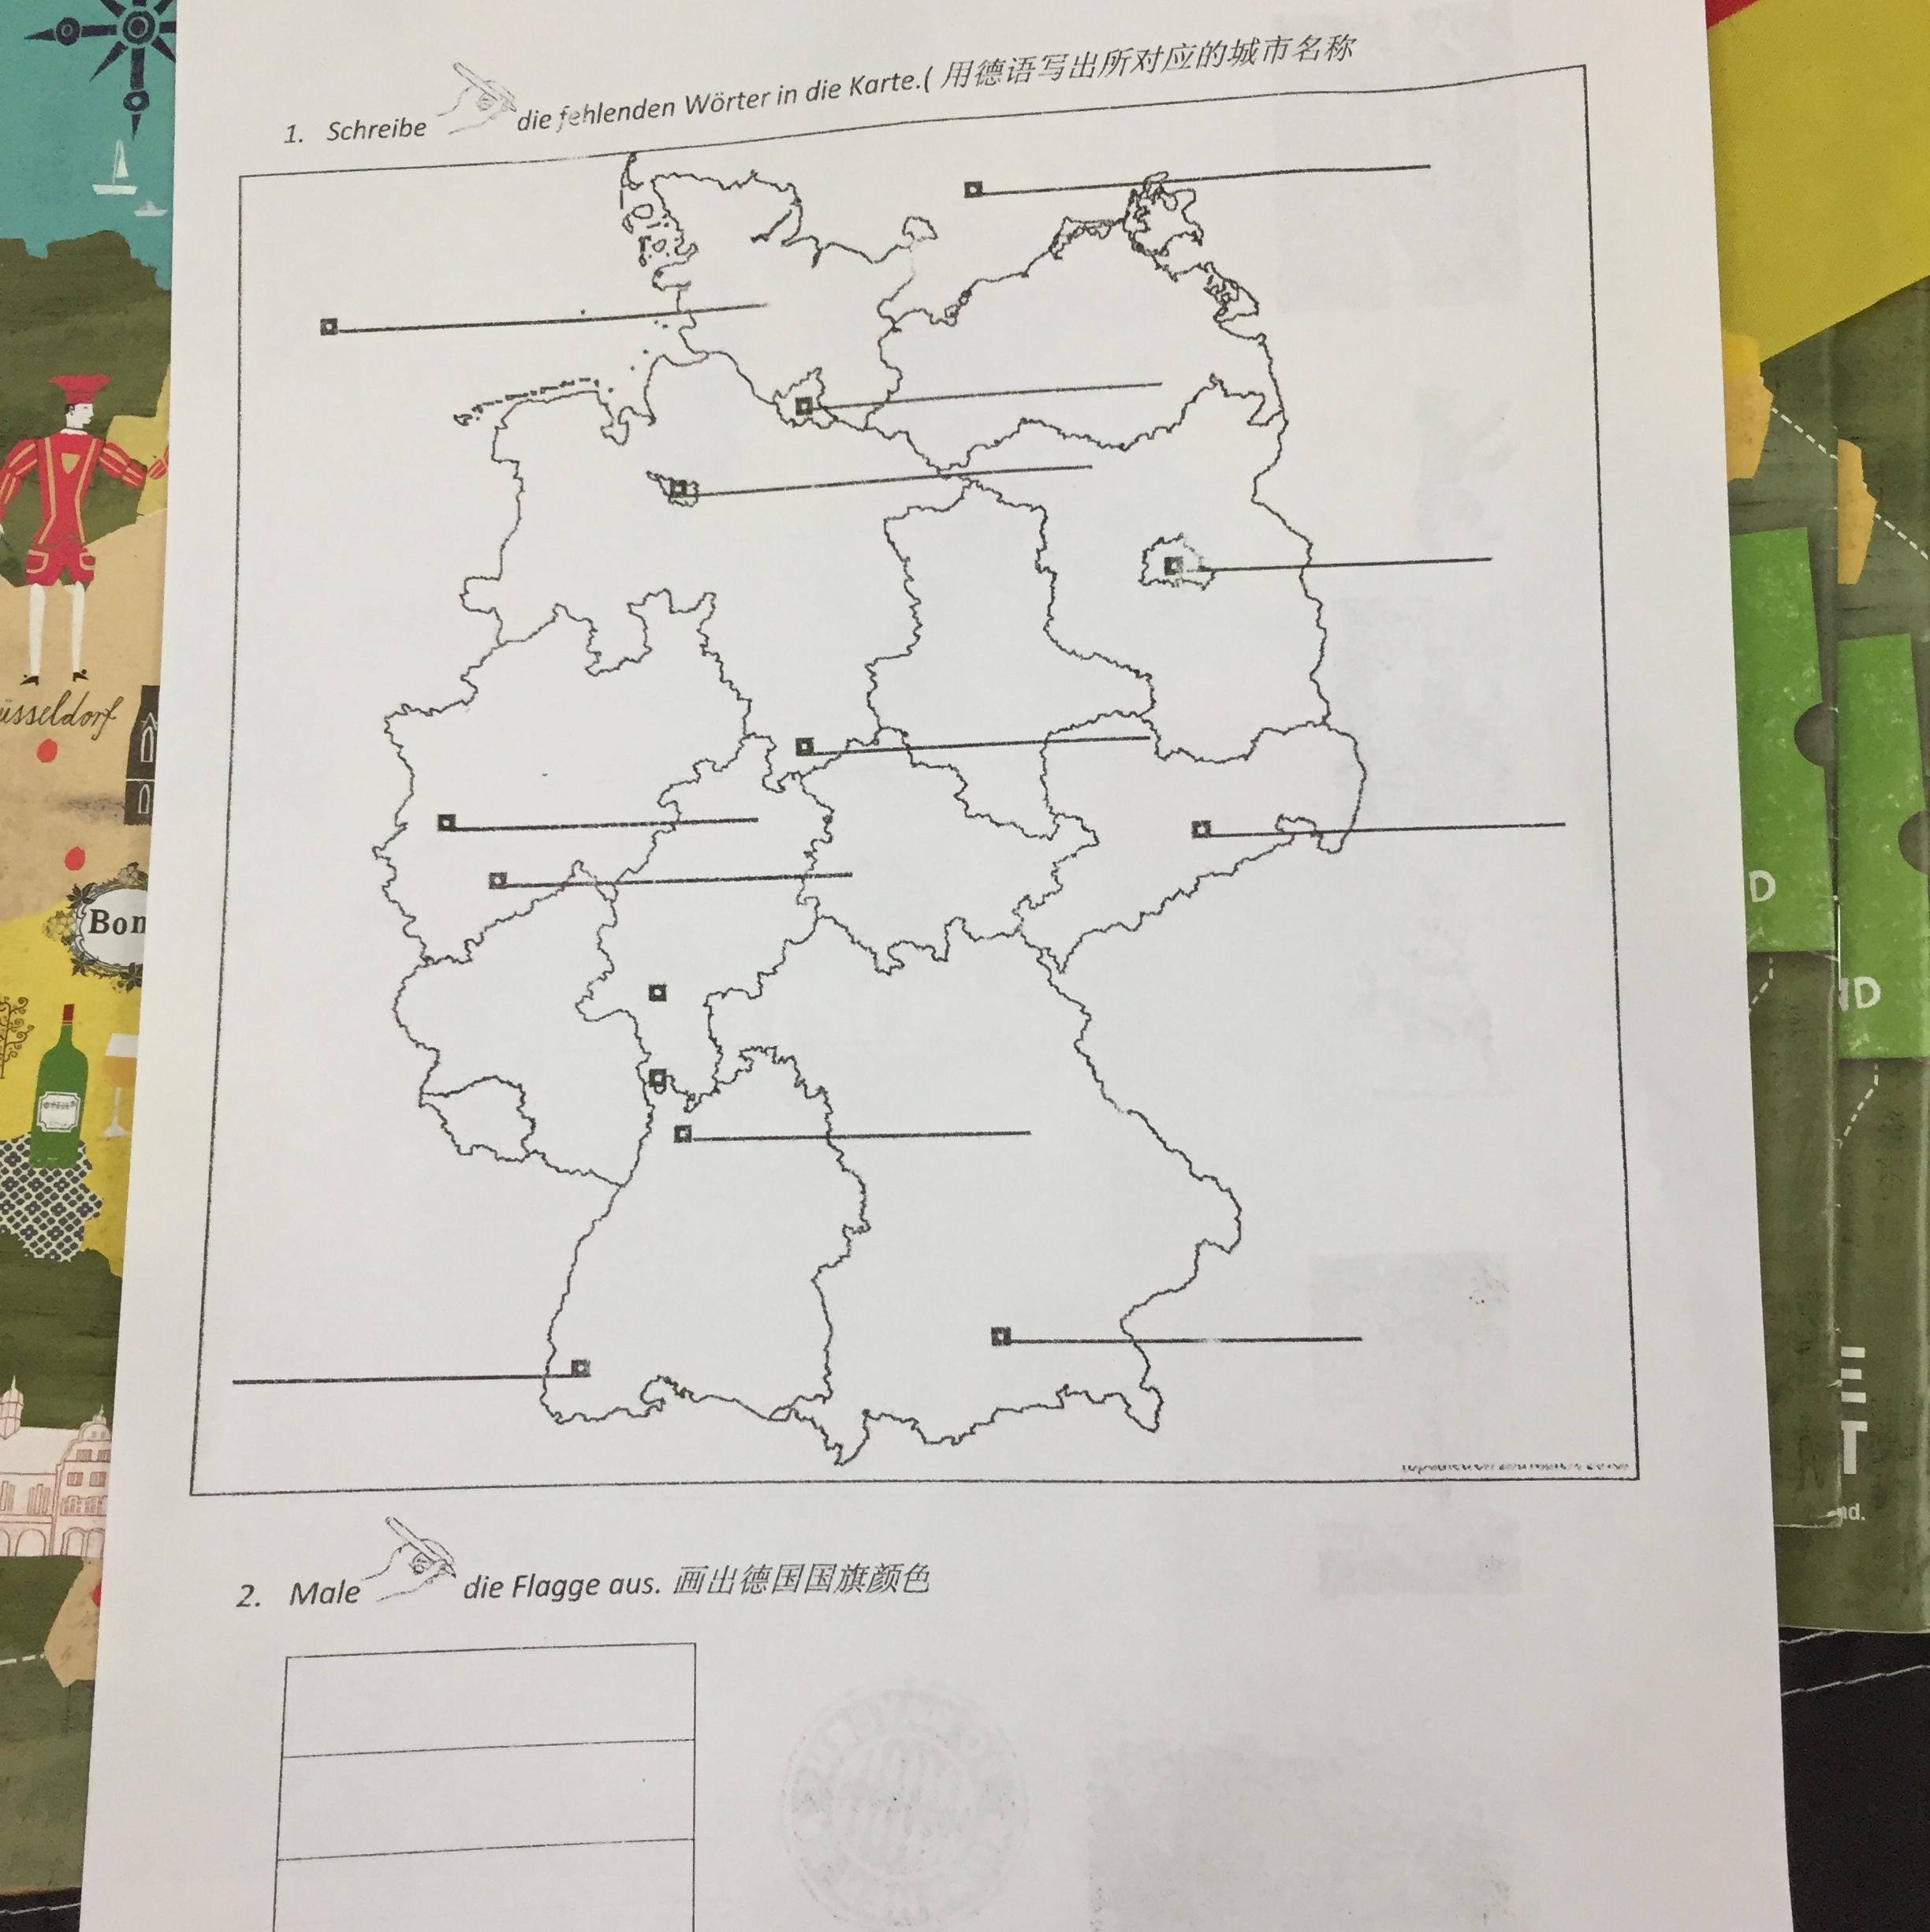 Deutschland Rallye Stumme Karte Studieren Weltweit